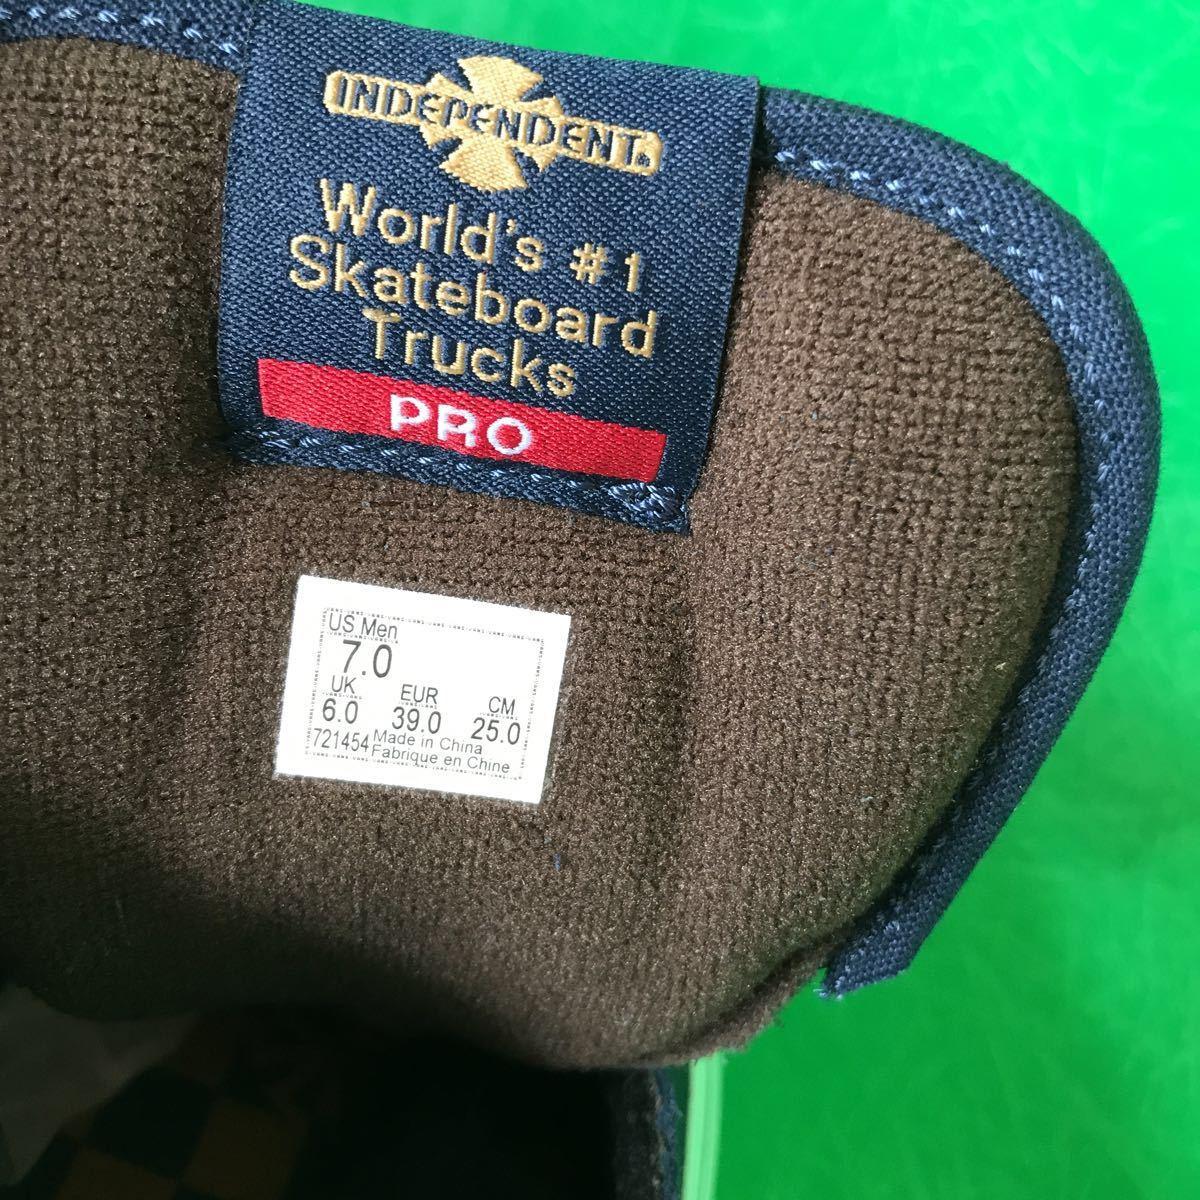 スニーカー VANS ハーフキャブプロ 25cm(US7)Dress Blues バンズ スケーターシューズ インディペンデント コラボモデル_画像9